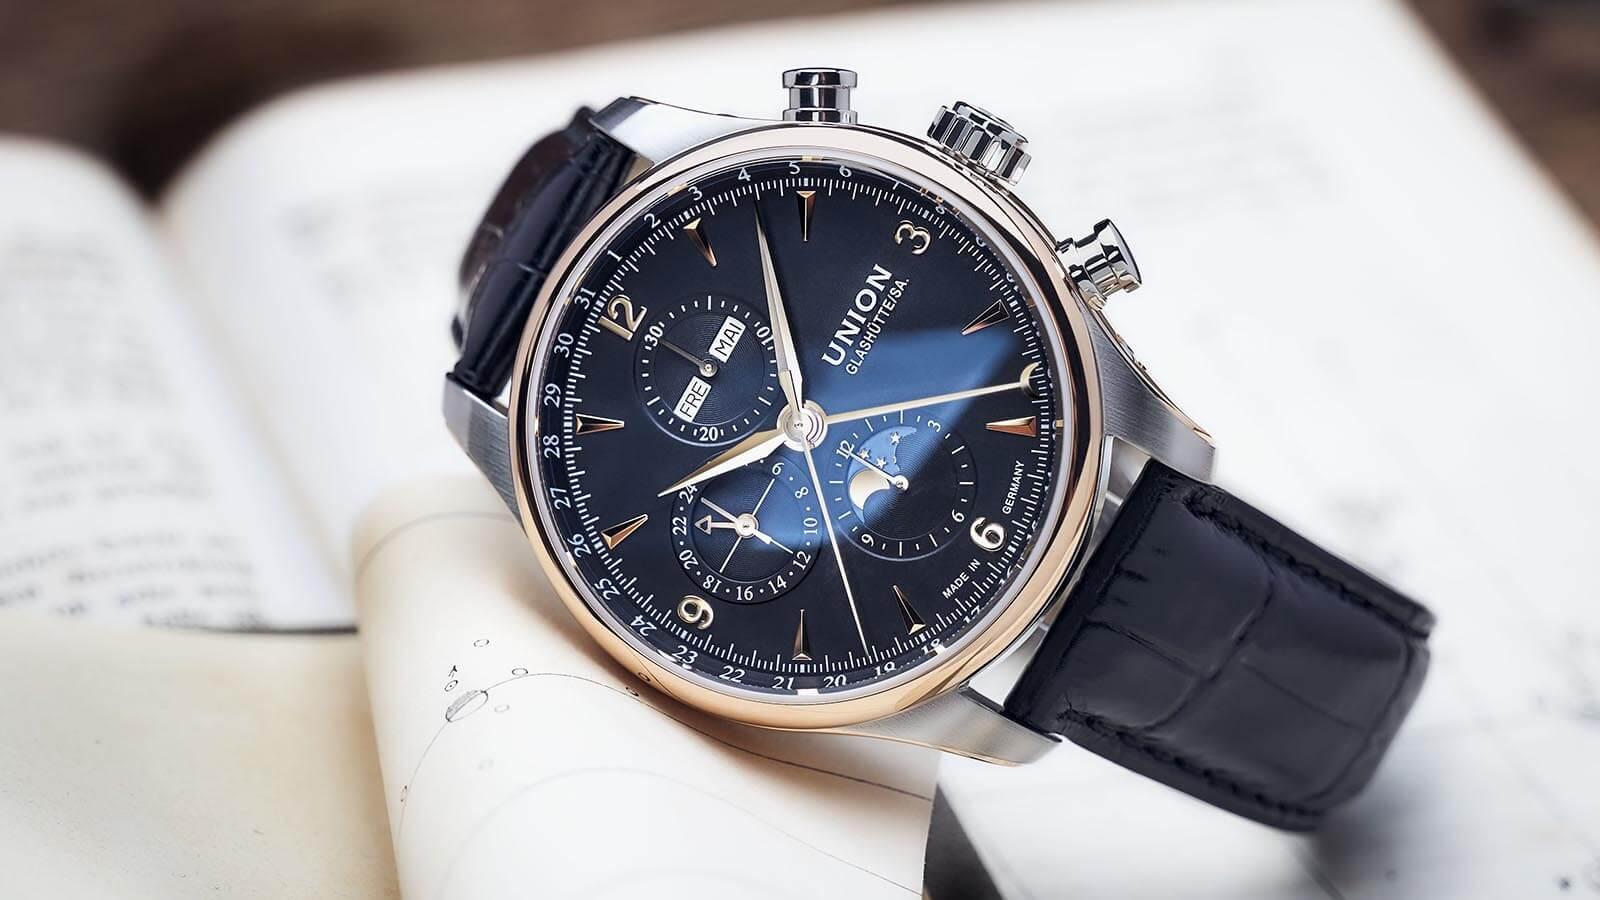 Belisar Chronograph Mondphase von Union Glashütte mit Lünette aus 18 Karat Roségold